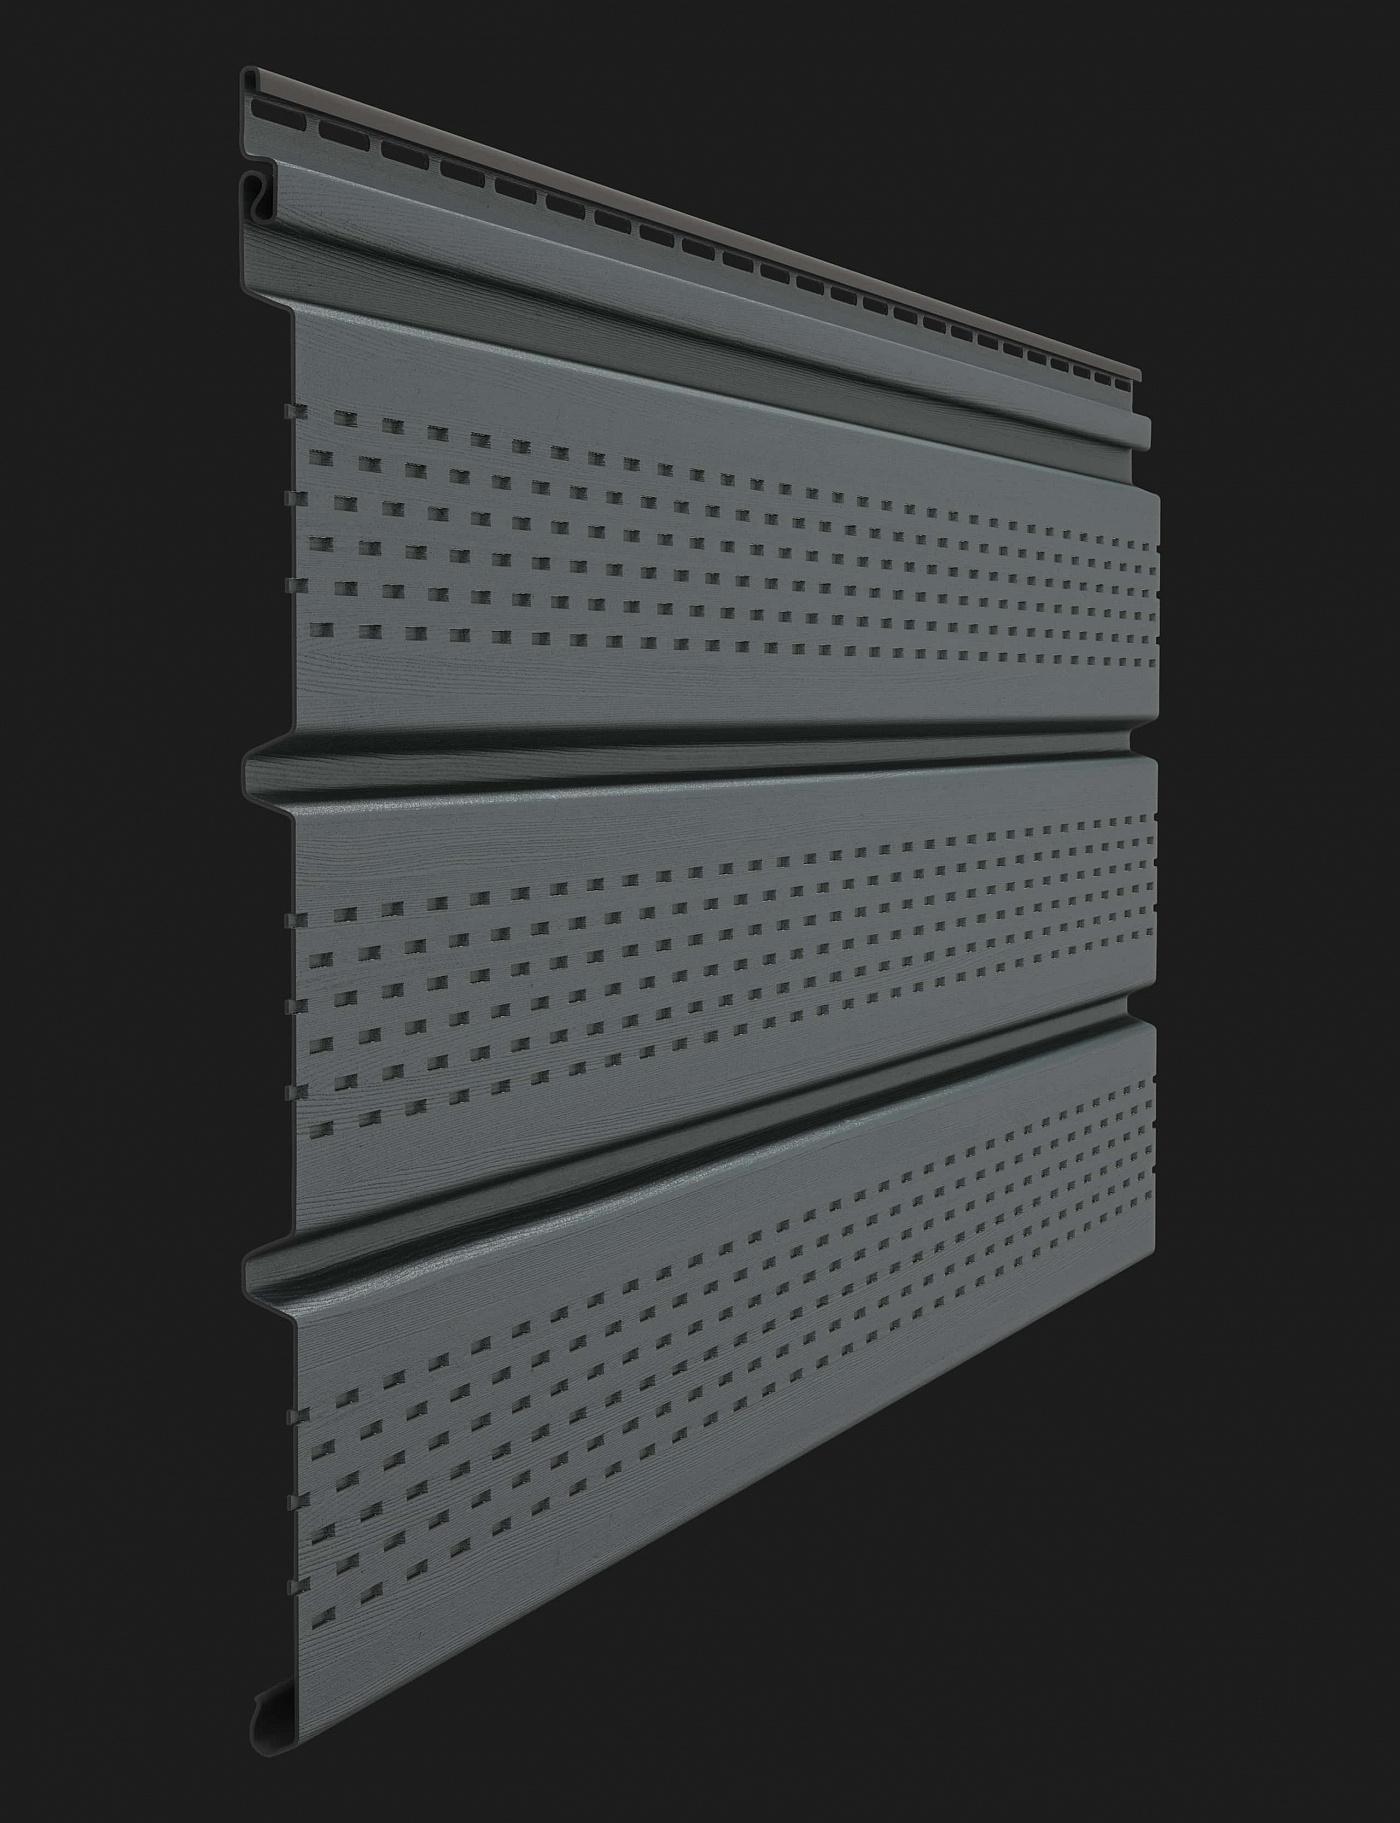 Софит пластиковый Docke Premium T4 с полной перфорацией 3000 мм Графит